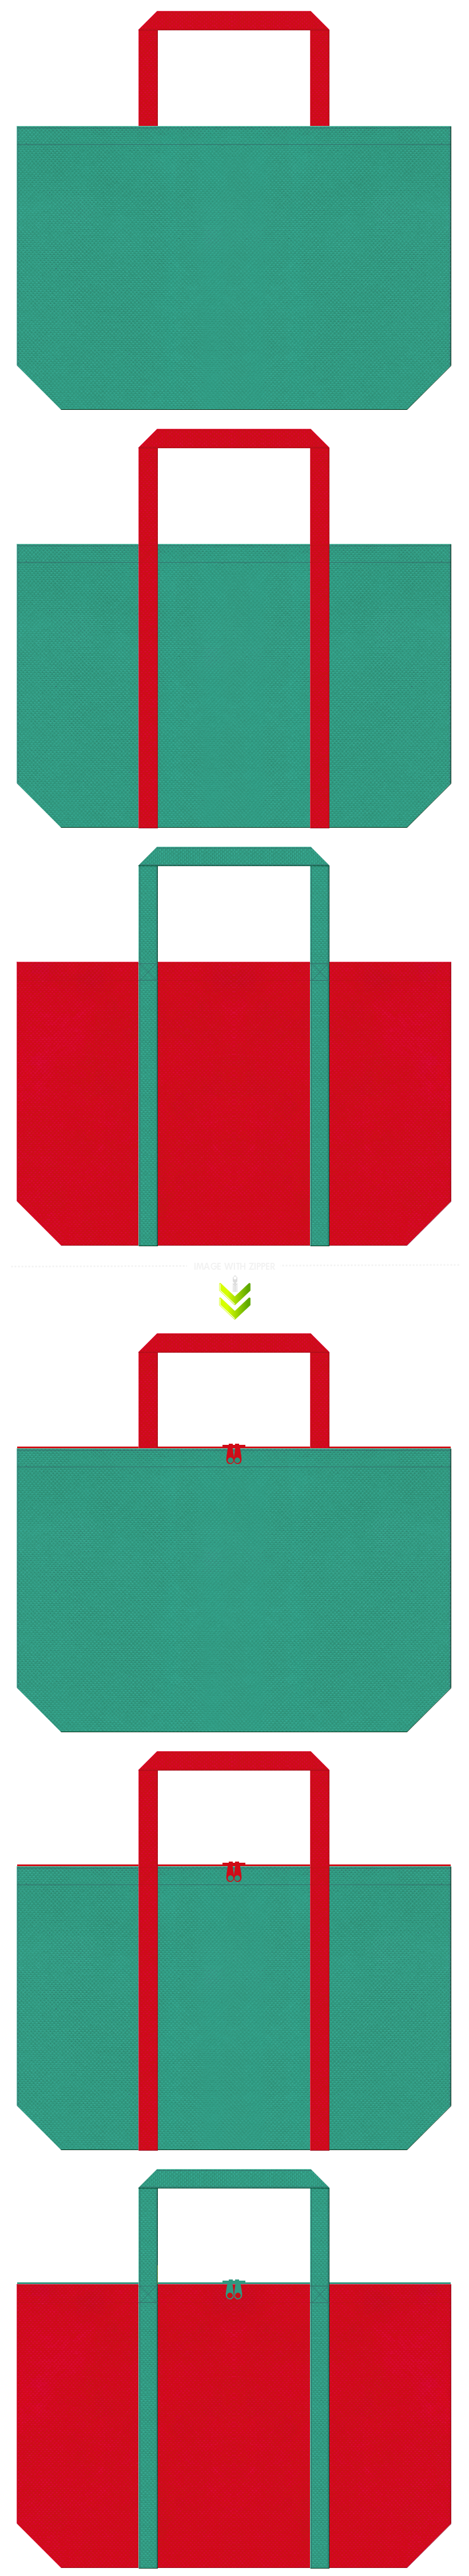 青緑色と紅色の不織布エコバッグのデザイン。